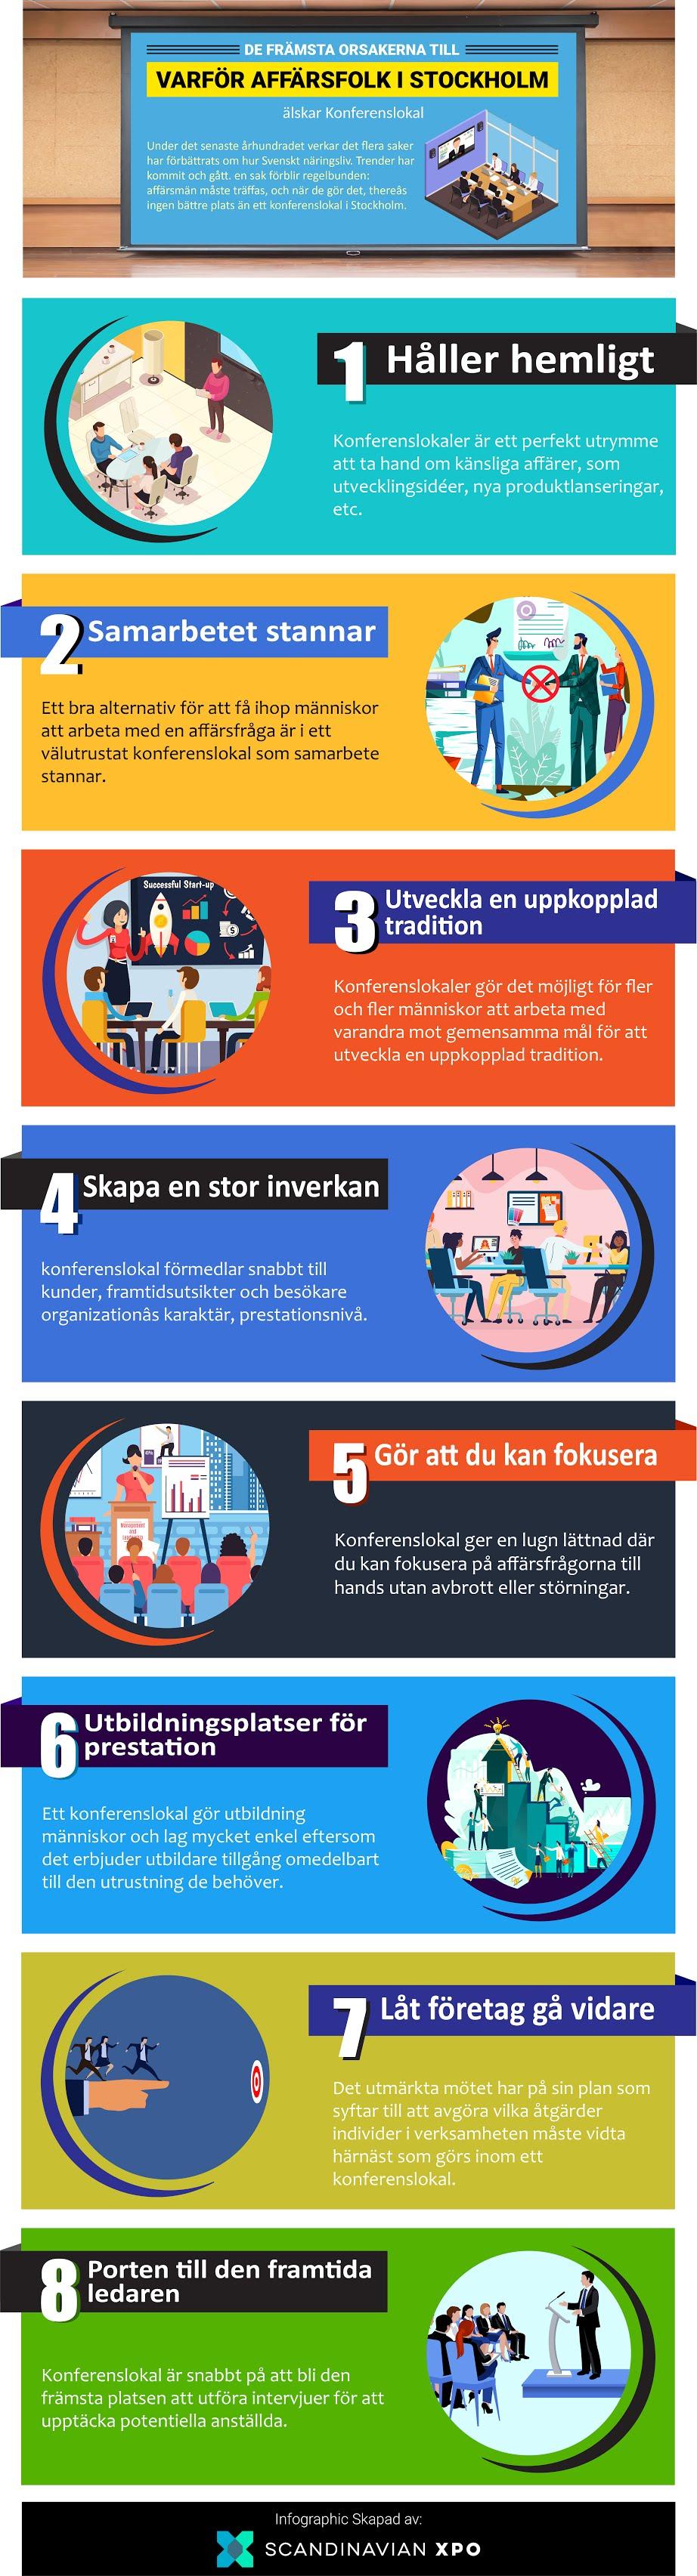 Skäl till varför affärsfolk i Stockholm älskar konferenslokal [Infographic]